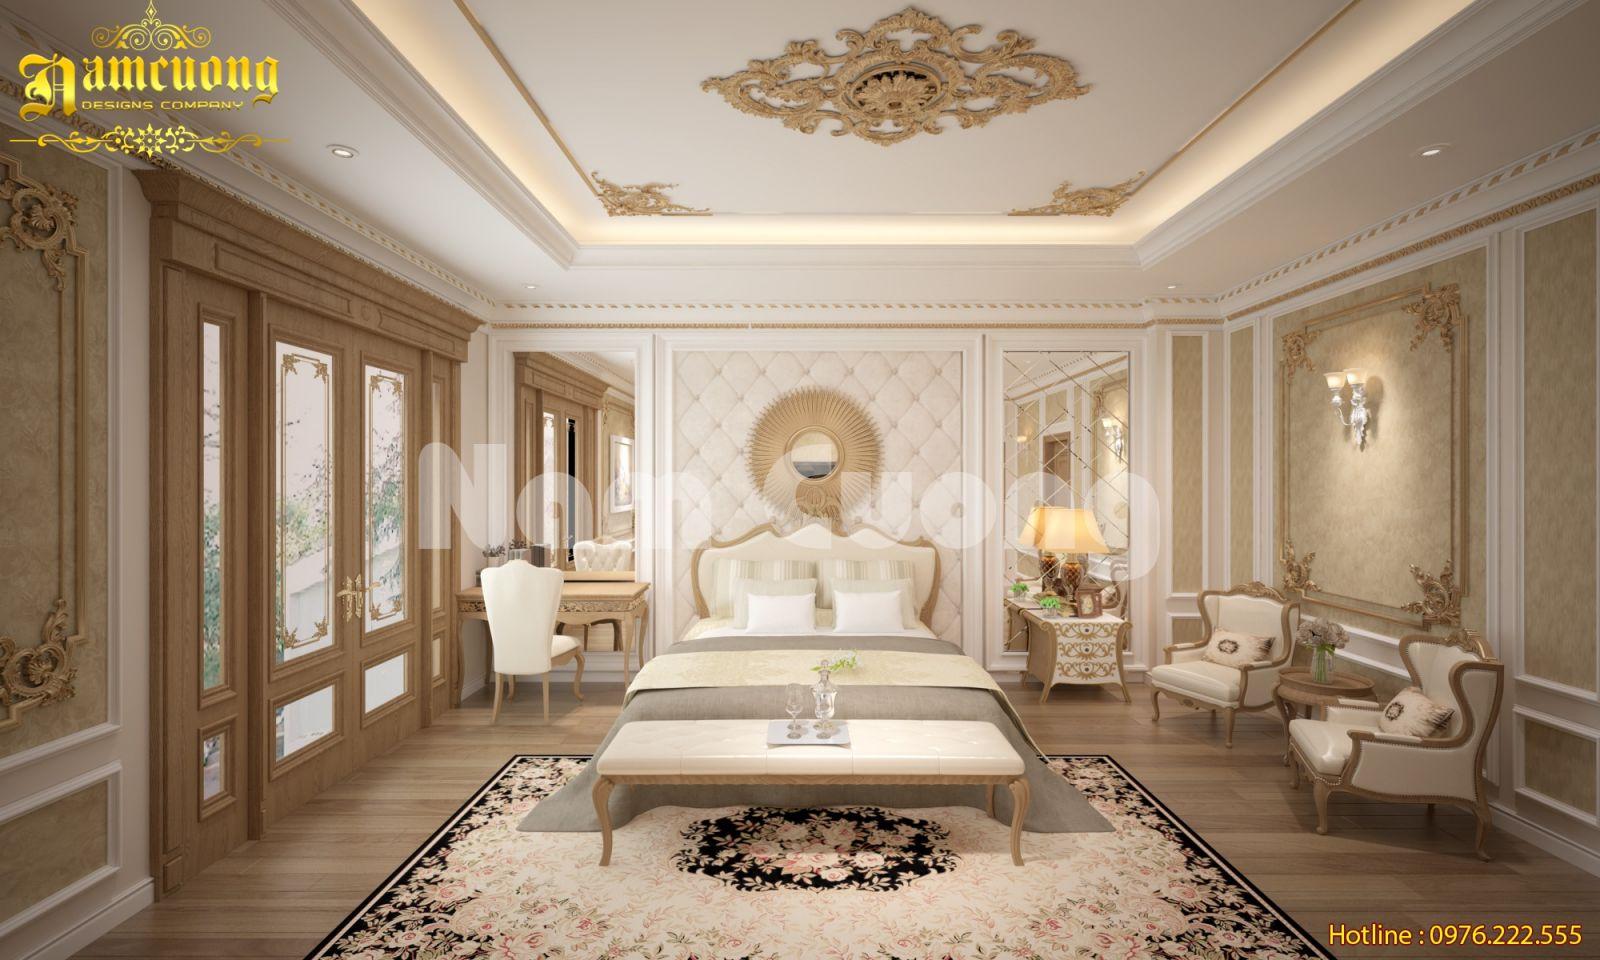 Thiết kế nội thất phòng ngủ tân cổ điển với tone màu trung tính